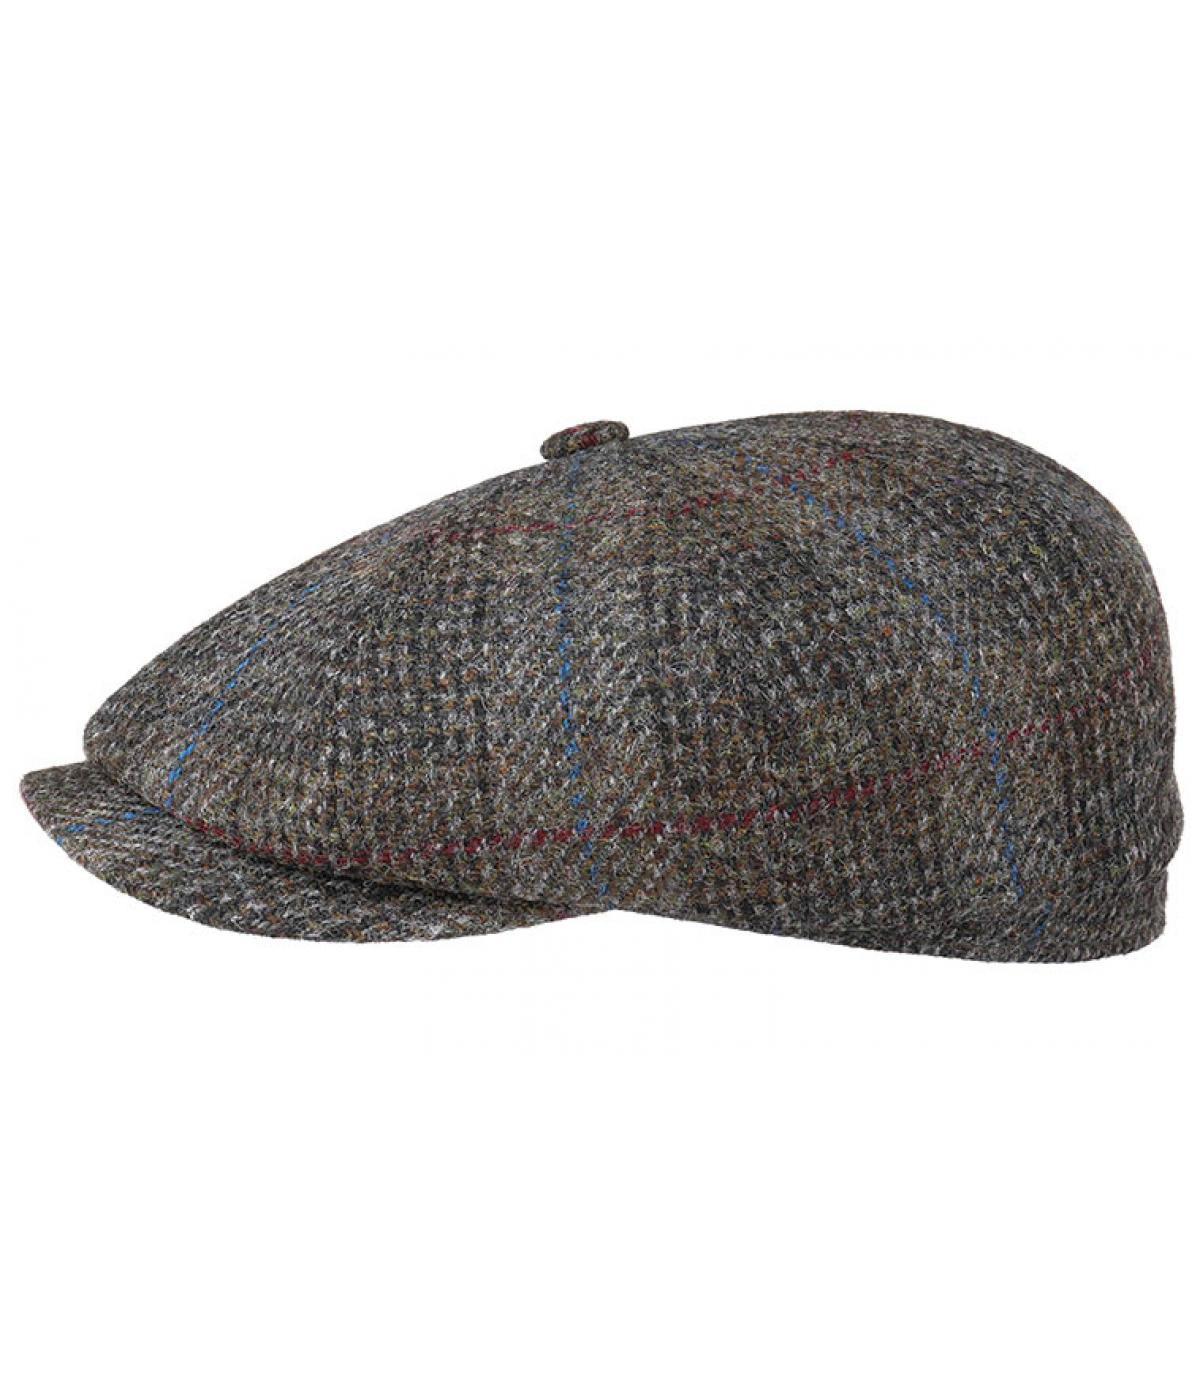 Details Hatteras Harris Tweed Virgin Wool grey check - afbeeling 2